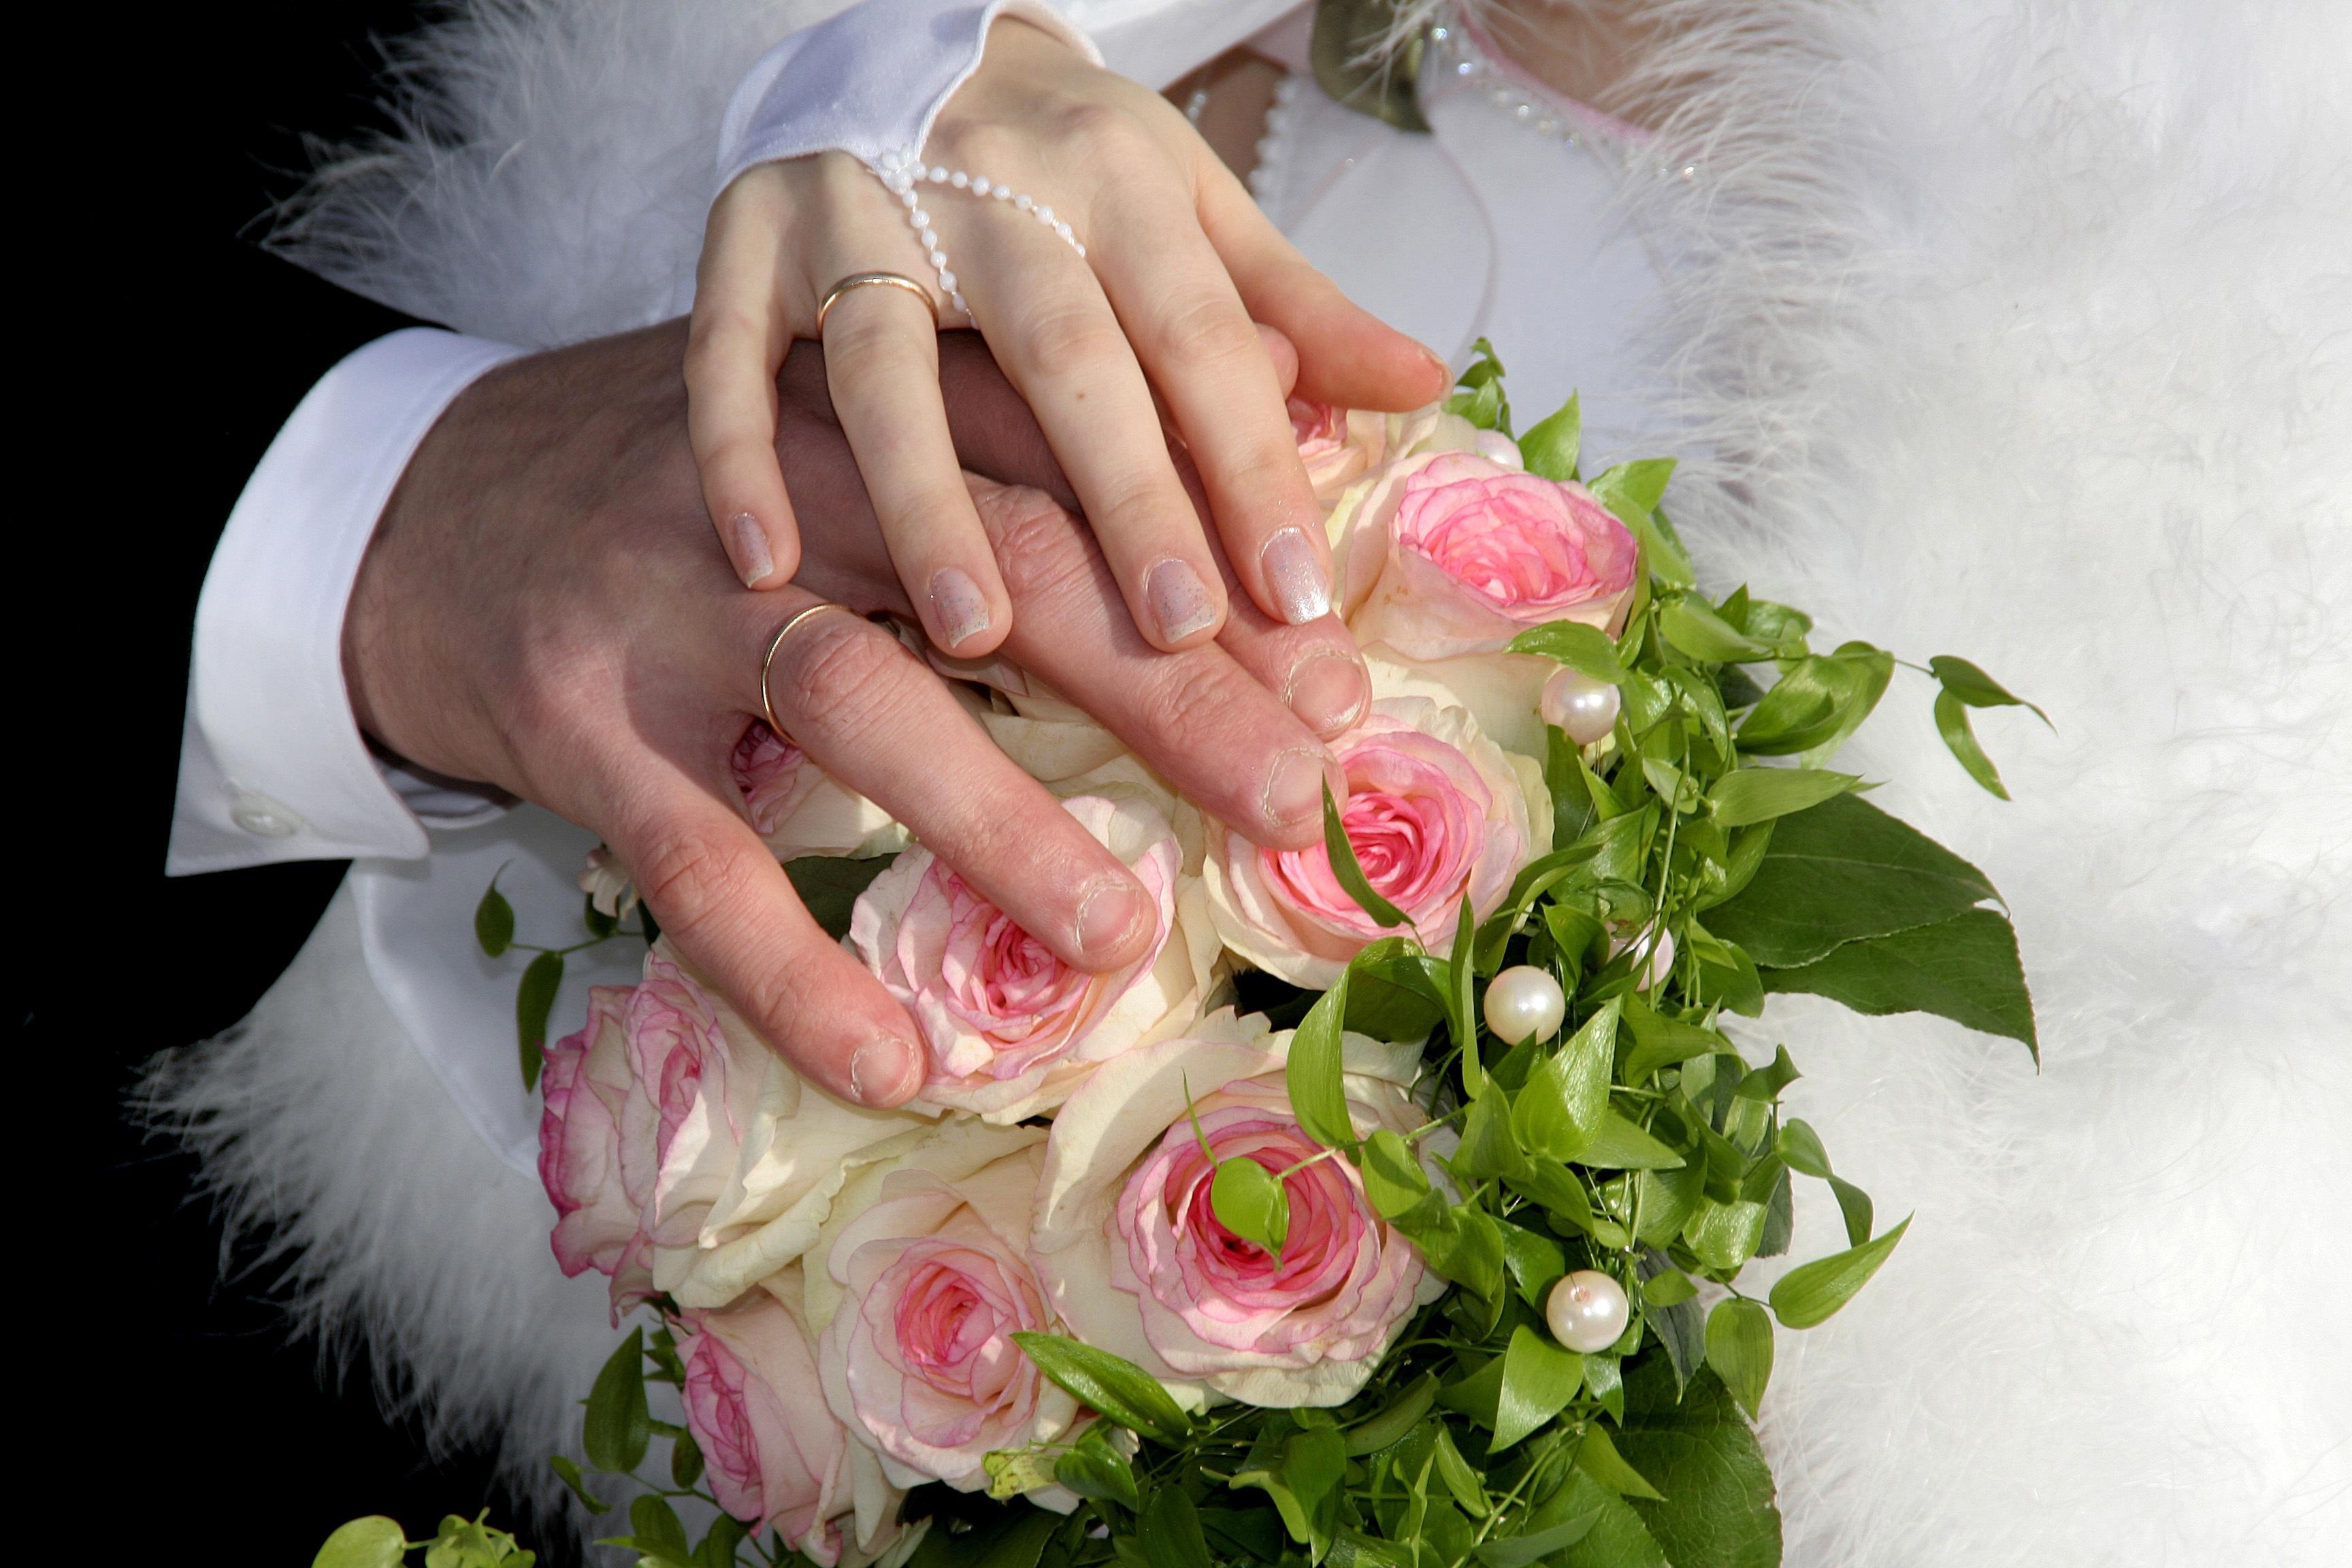 💗結婚の意識革命❗あなたの意識を変えることで結婚は近づきます。